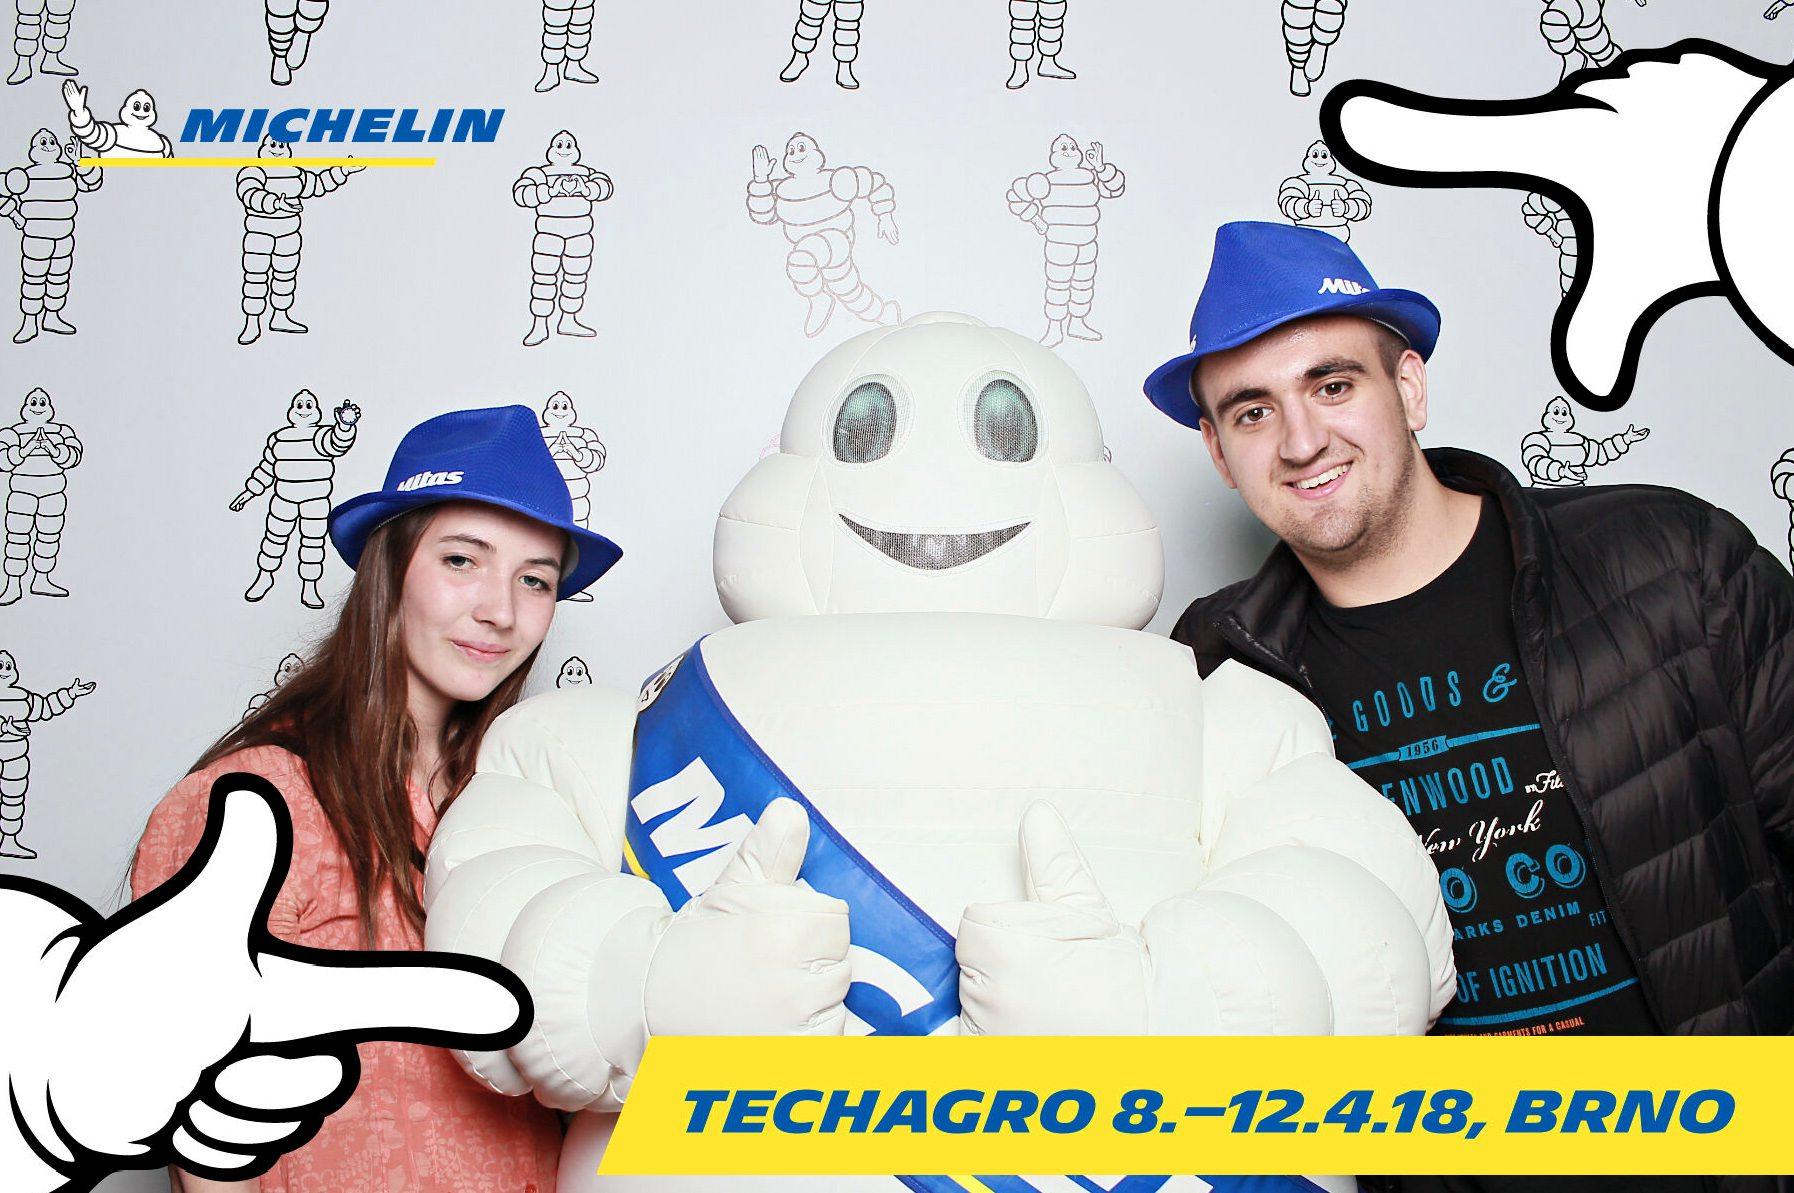 fotokoutek-michelin-11-4-2018-408237